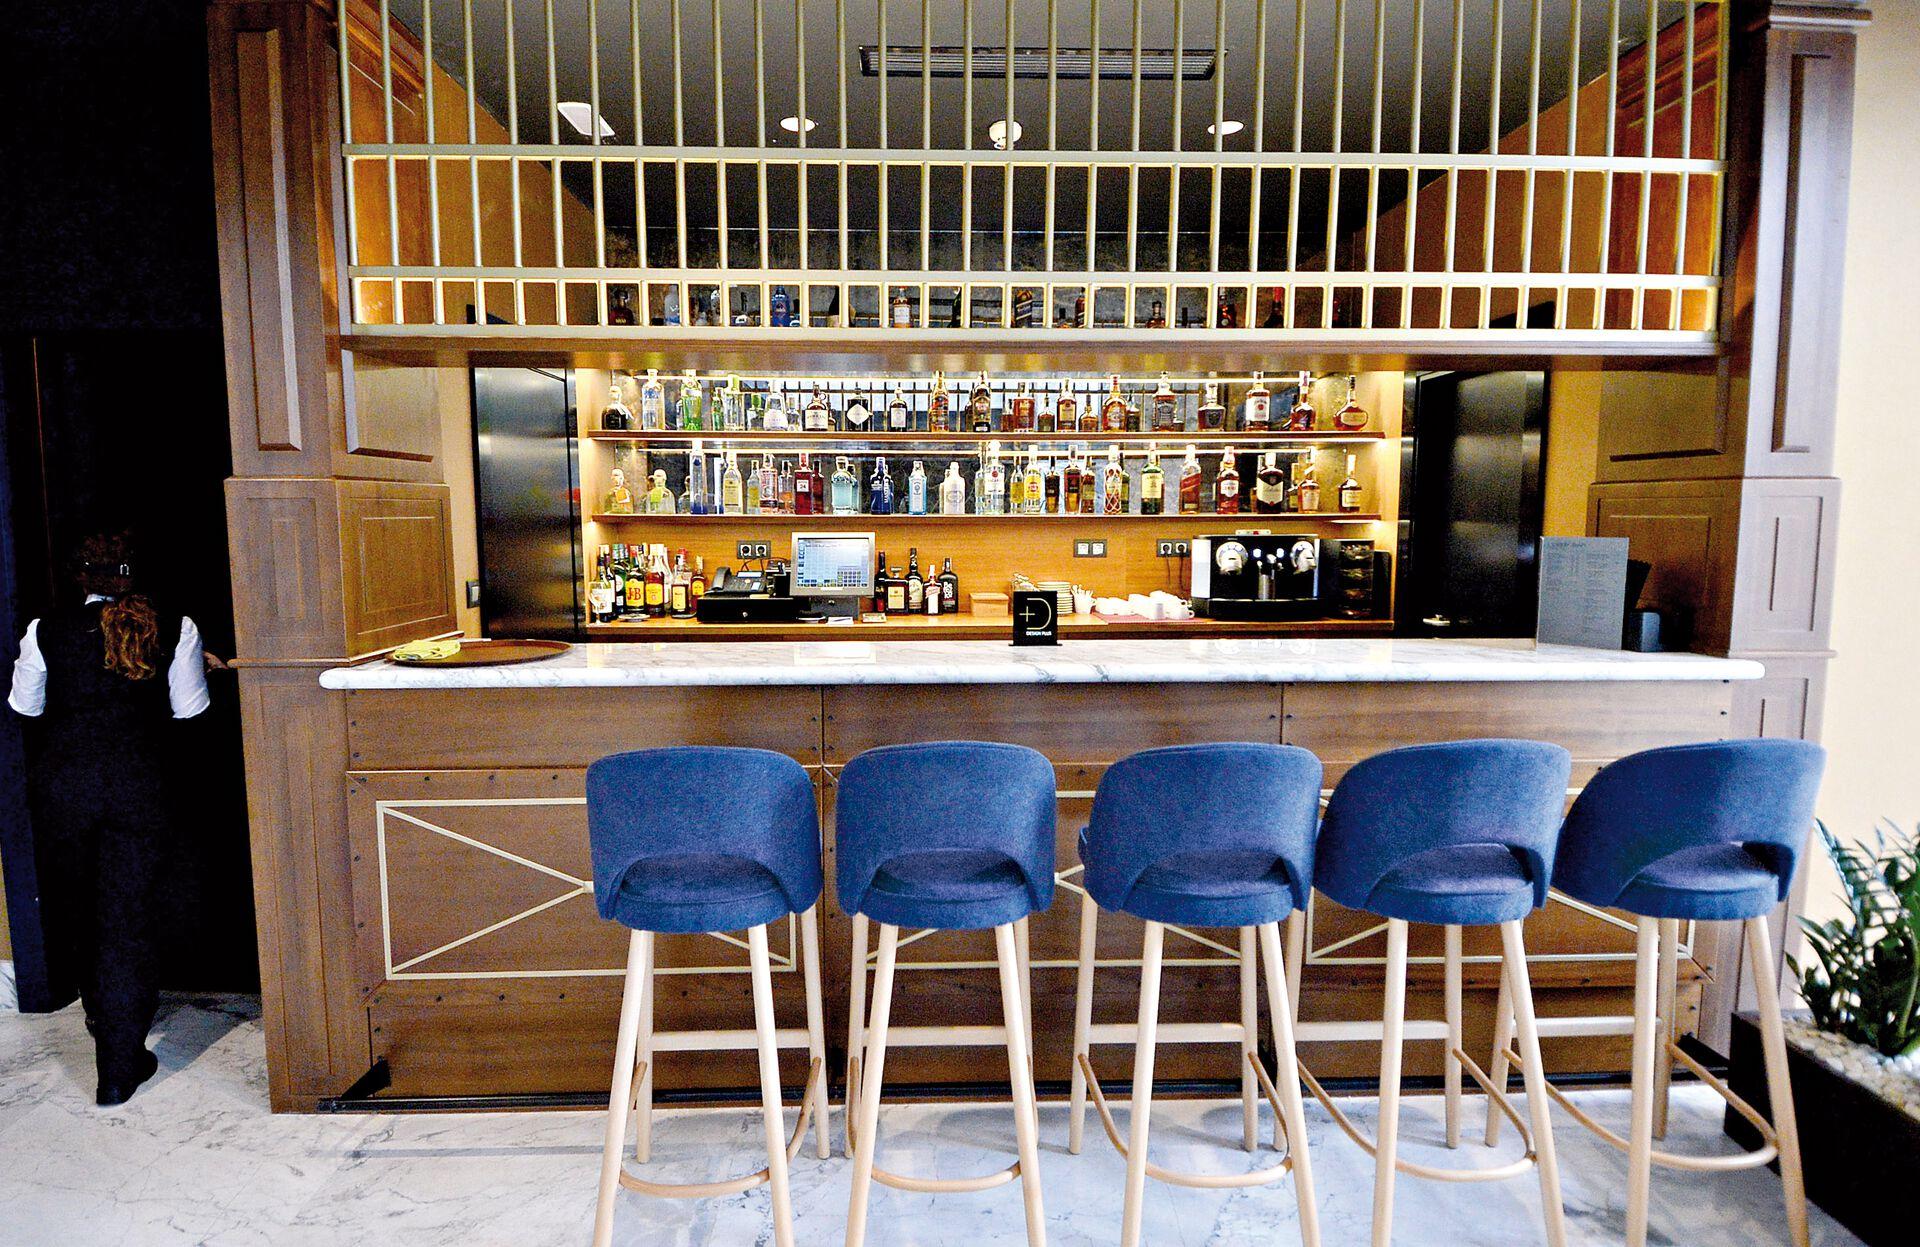 Séjour Las Palmas - Design Plus Bex - 4*